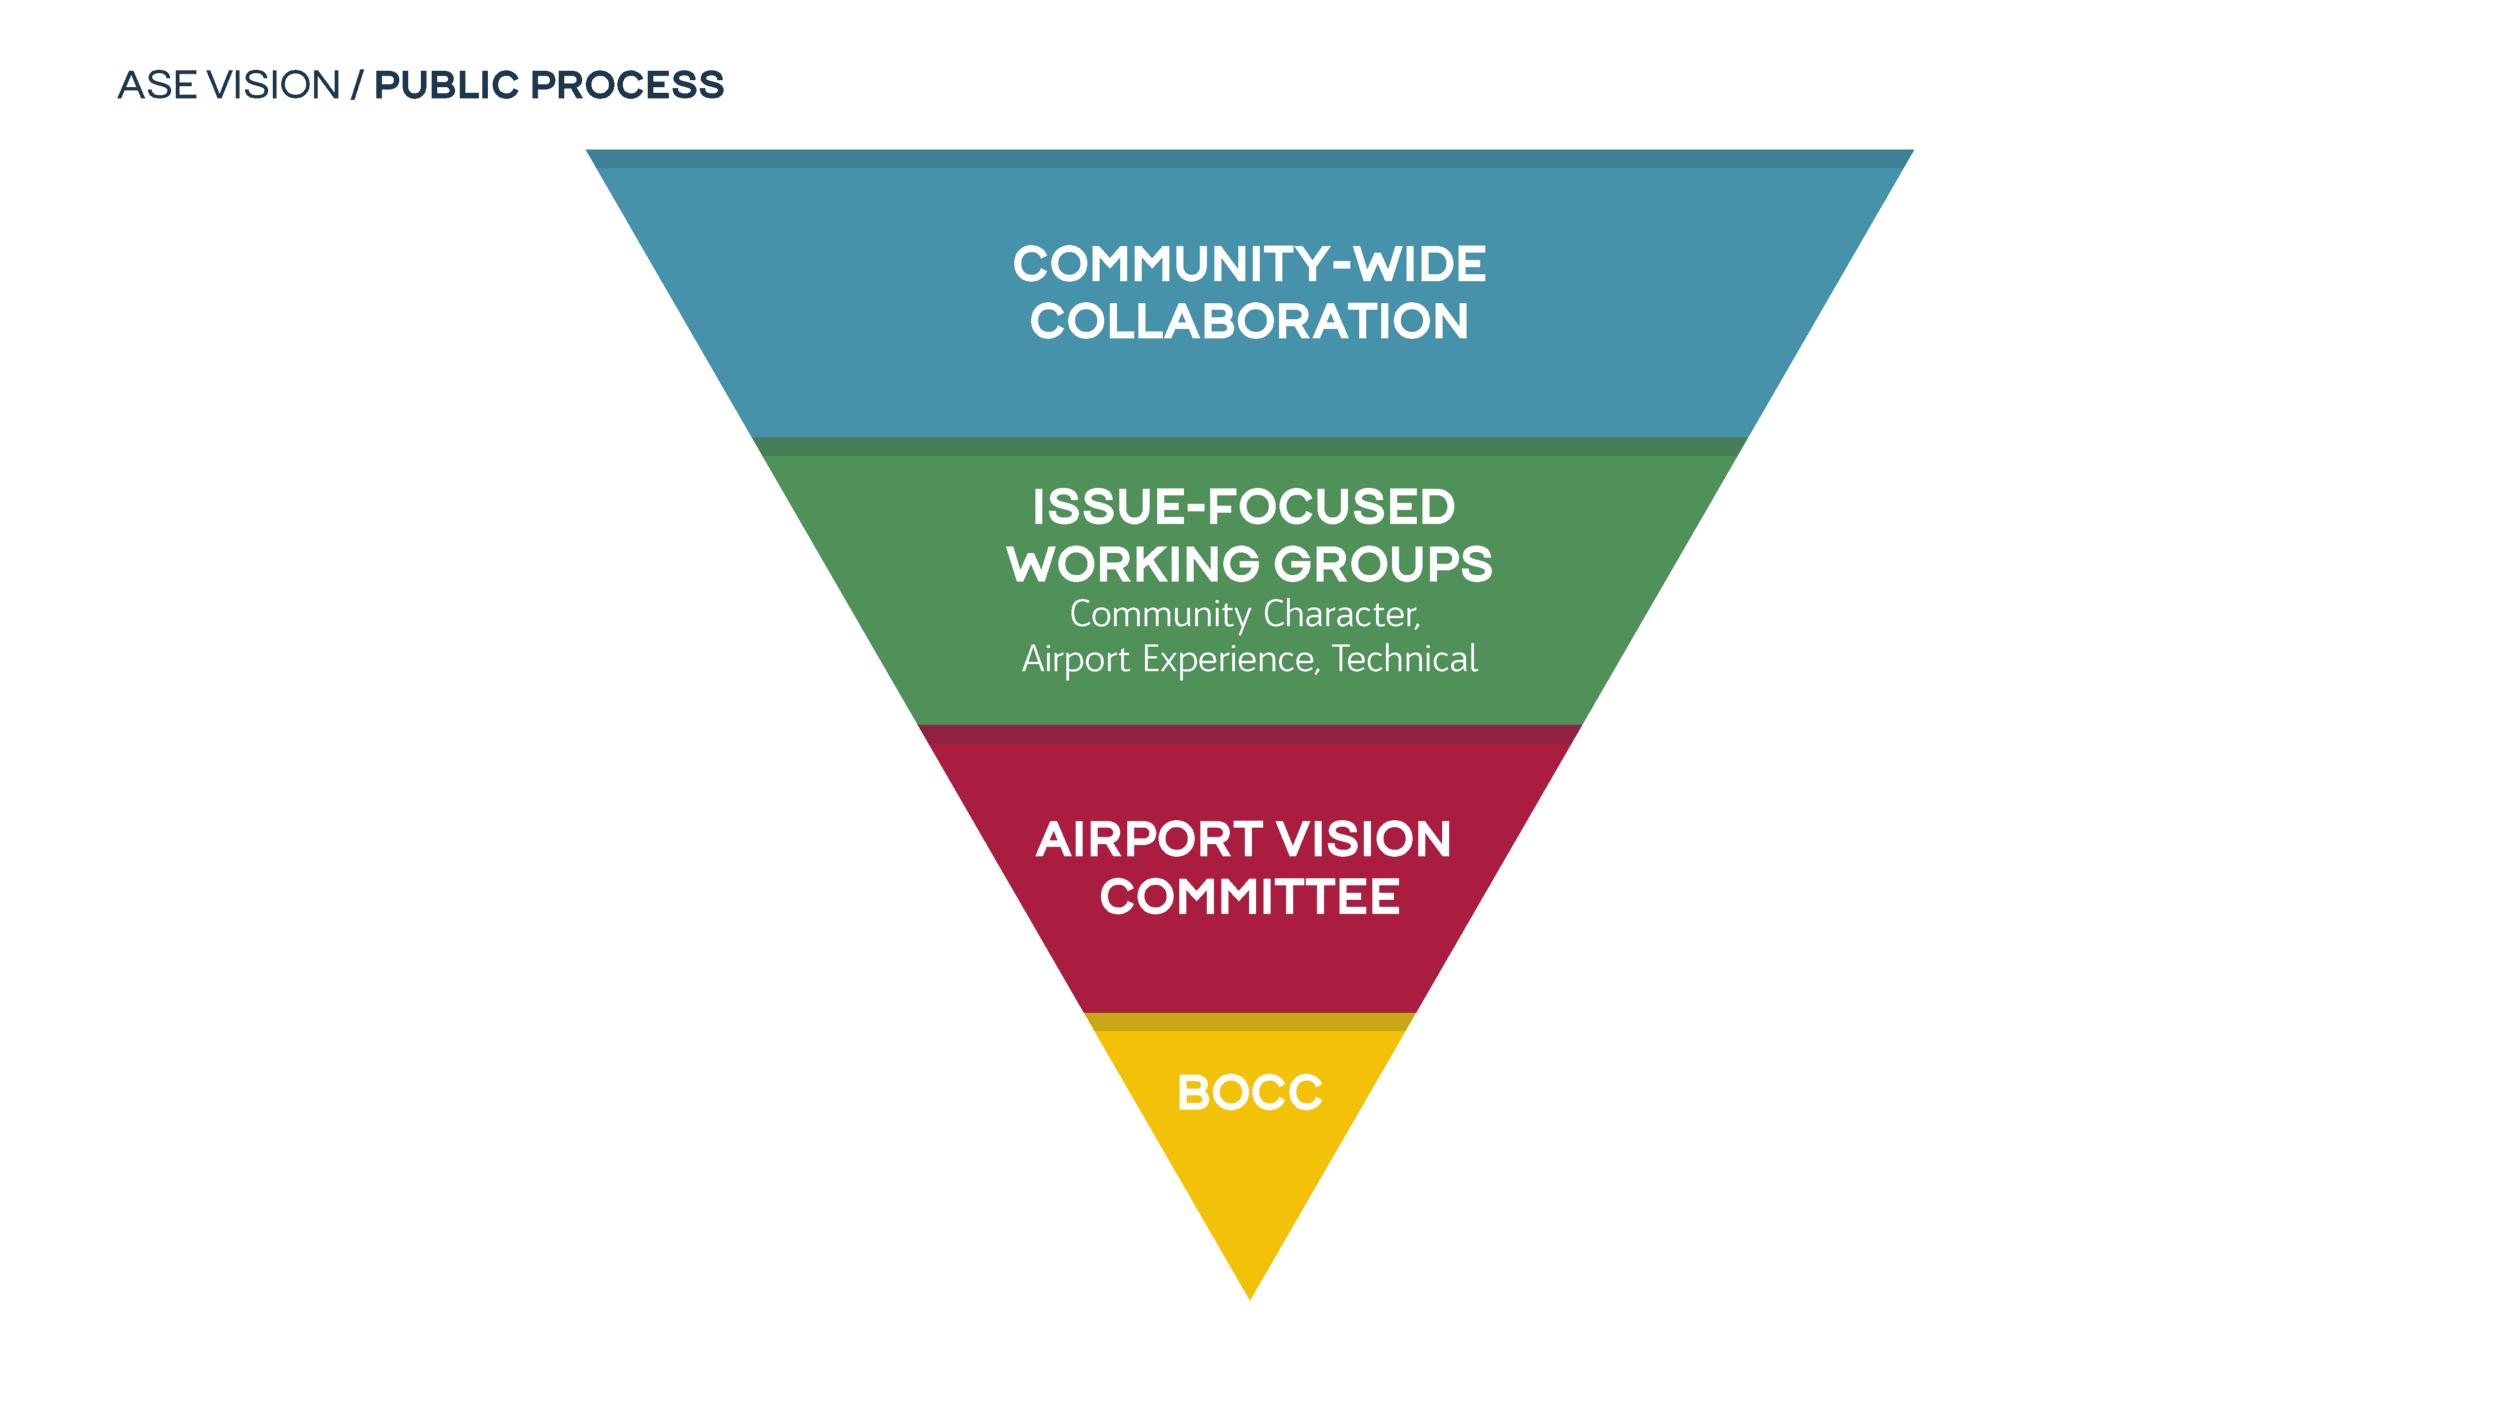 ASE Vision Public Process Diagram